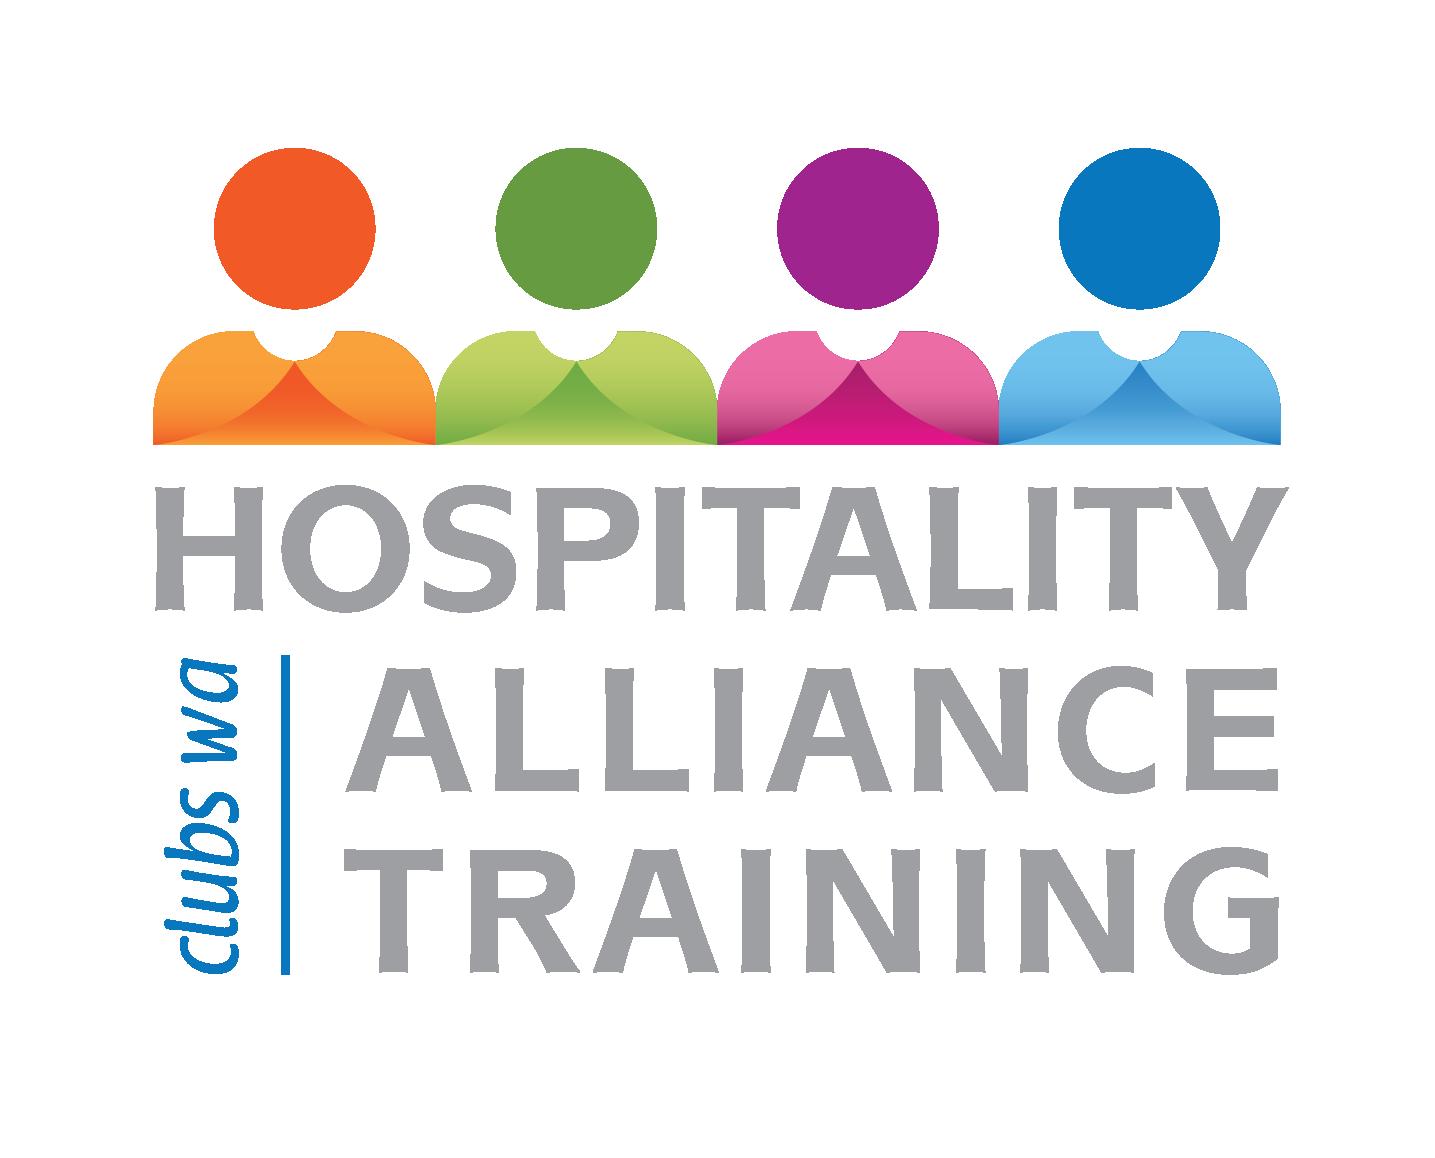 Hospitality Alliance Training